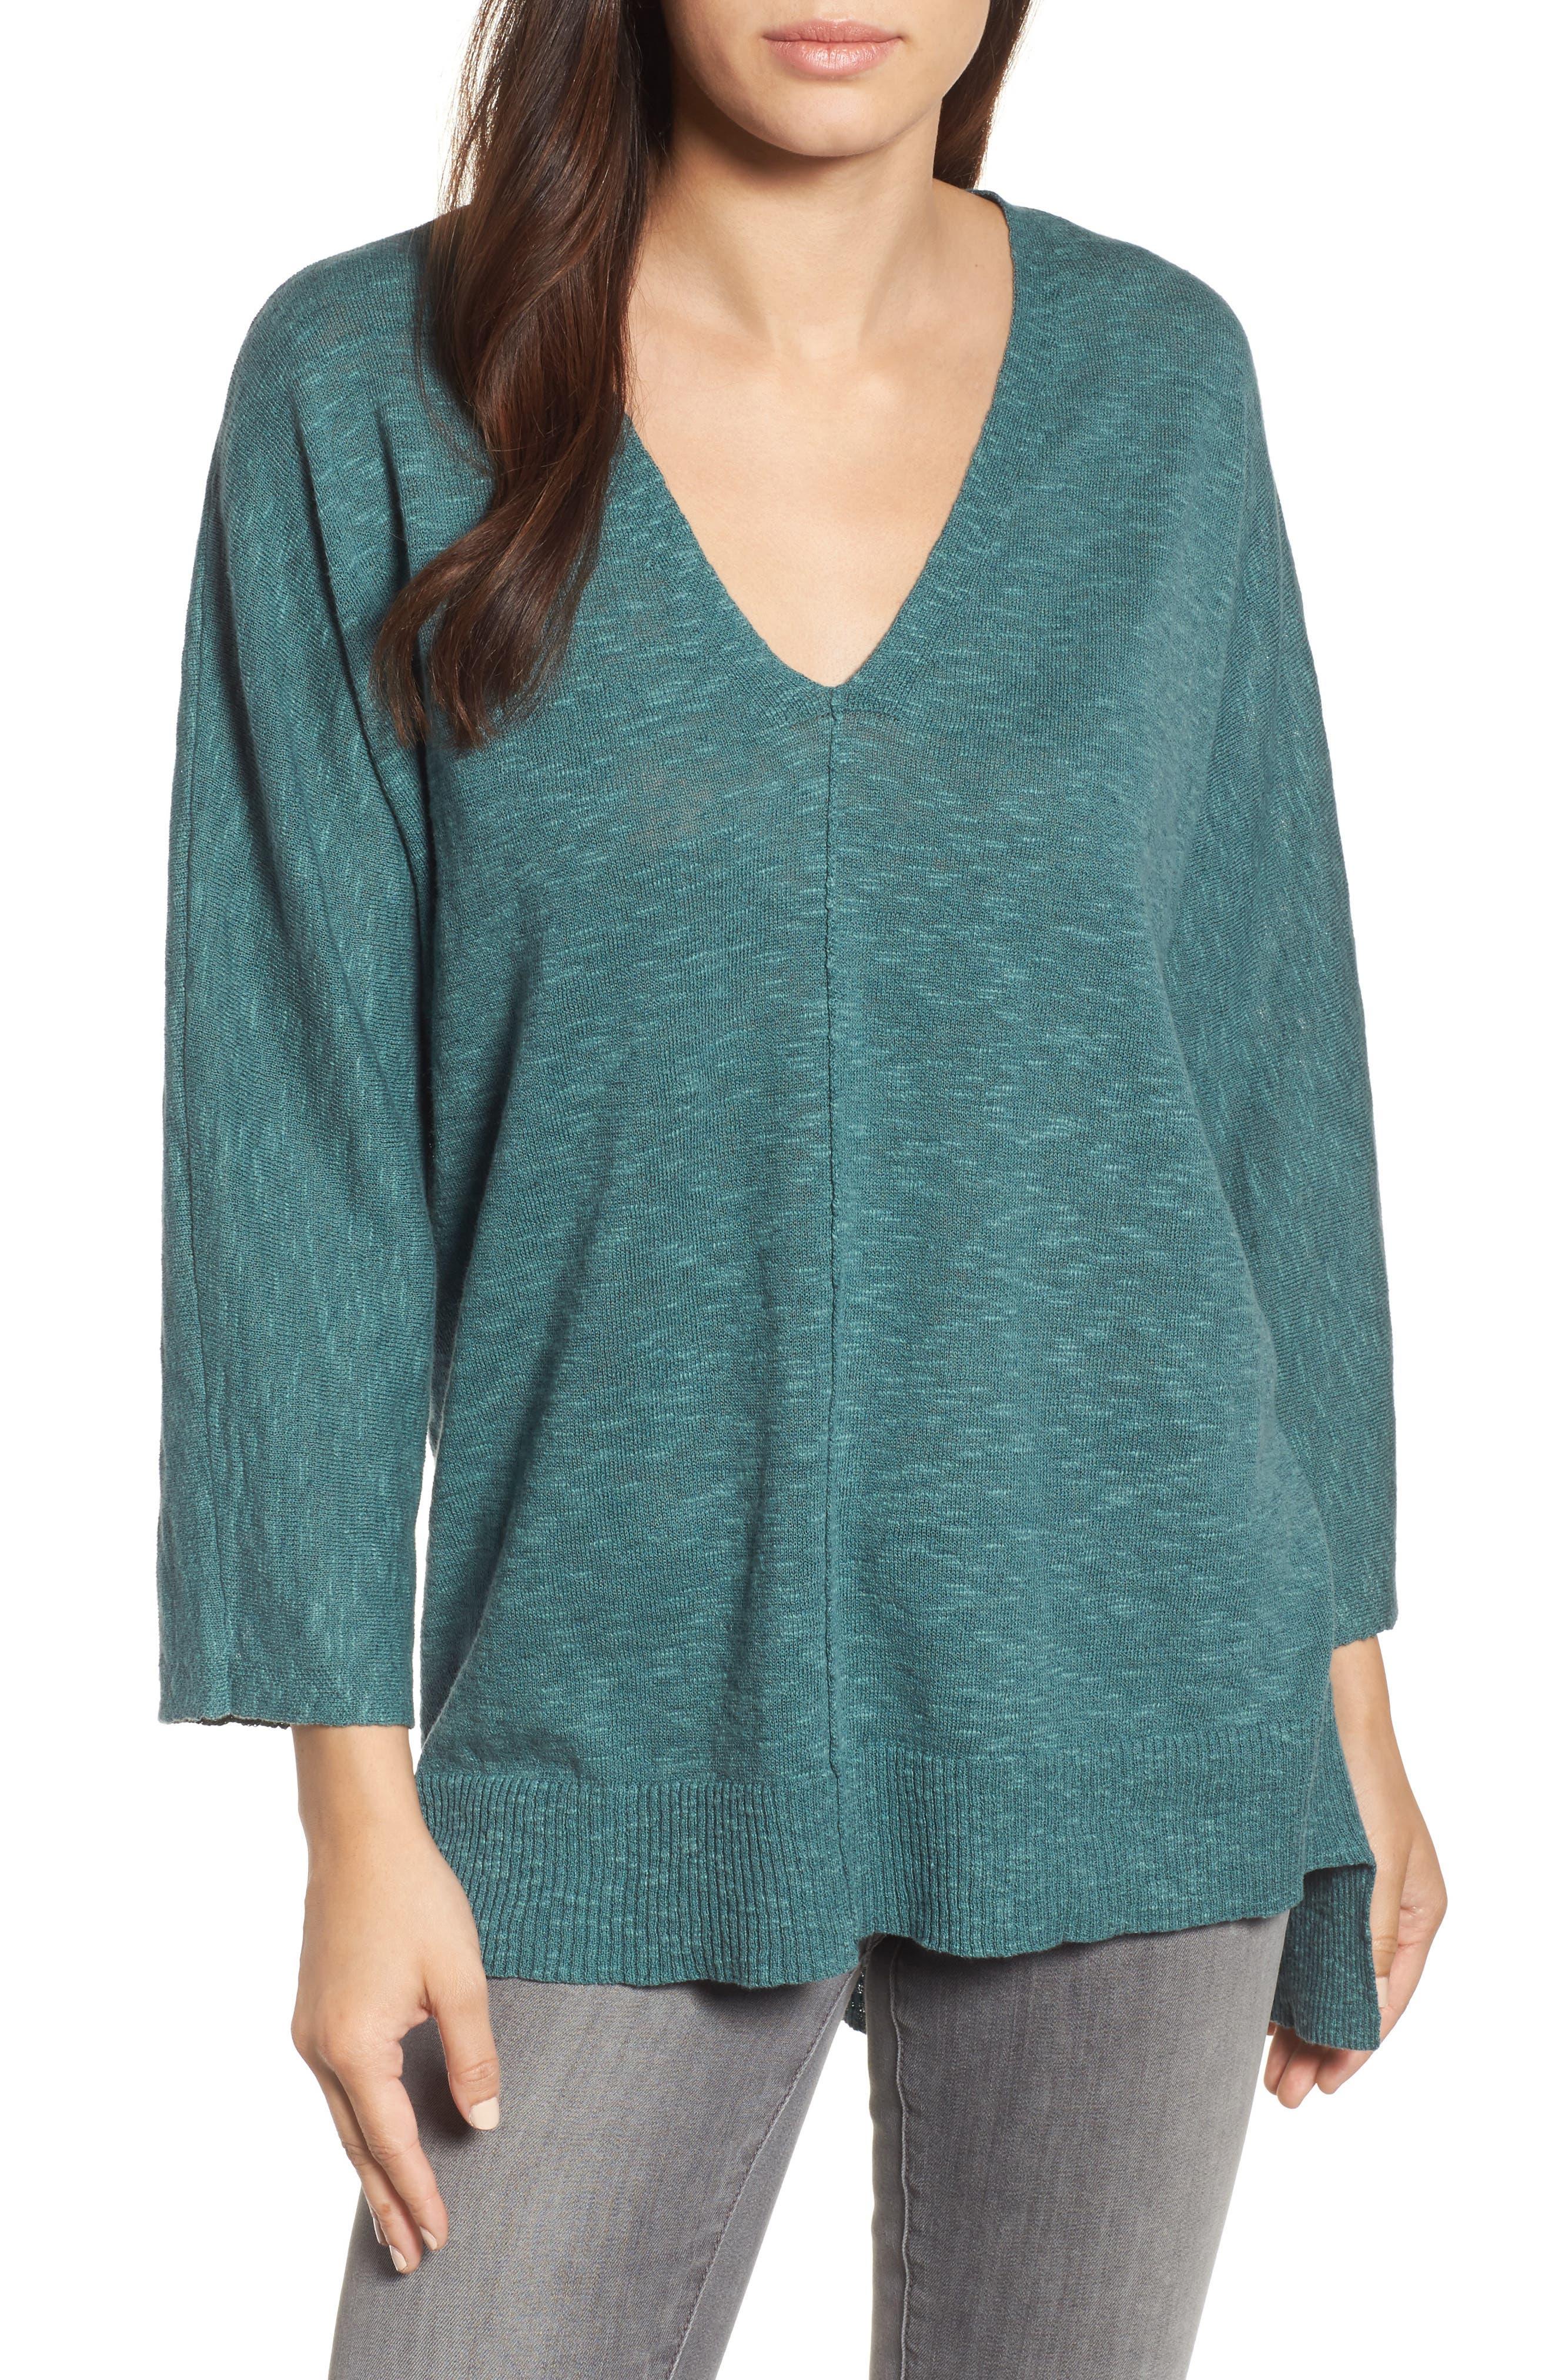 Eileen Fisher Organic Linen & Cotton Sweater (Regular & Petite)